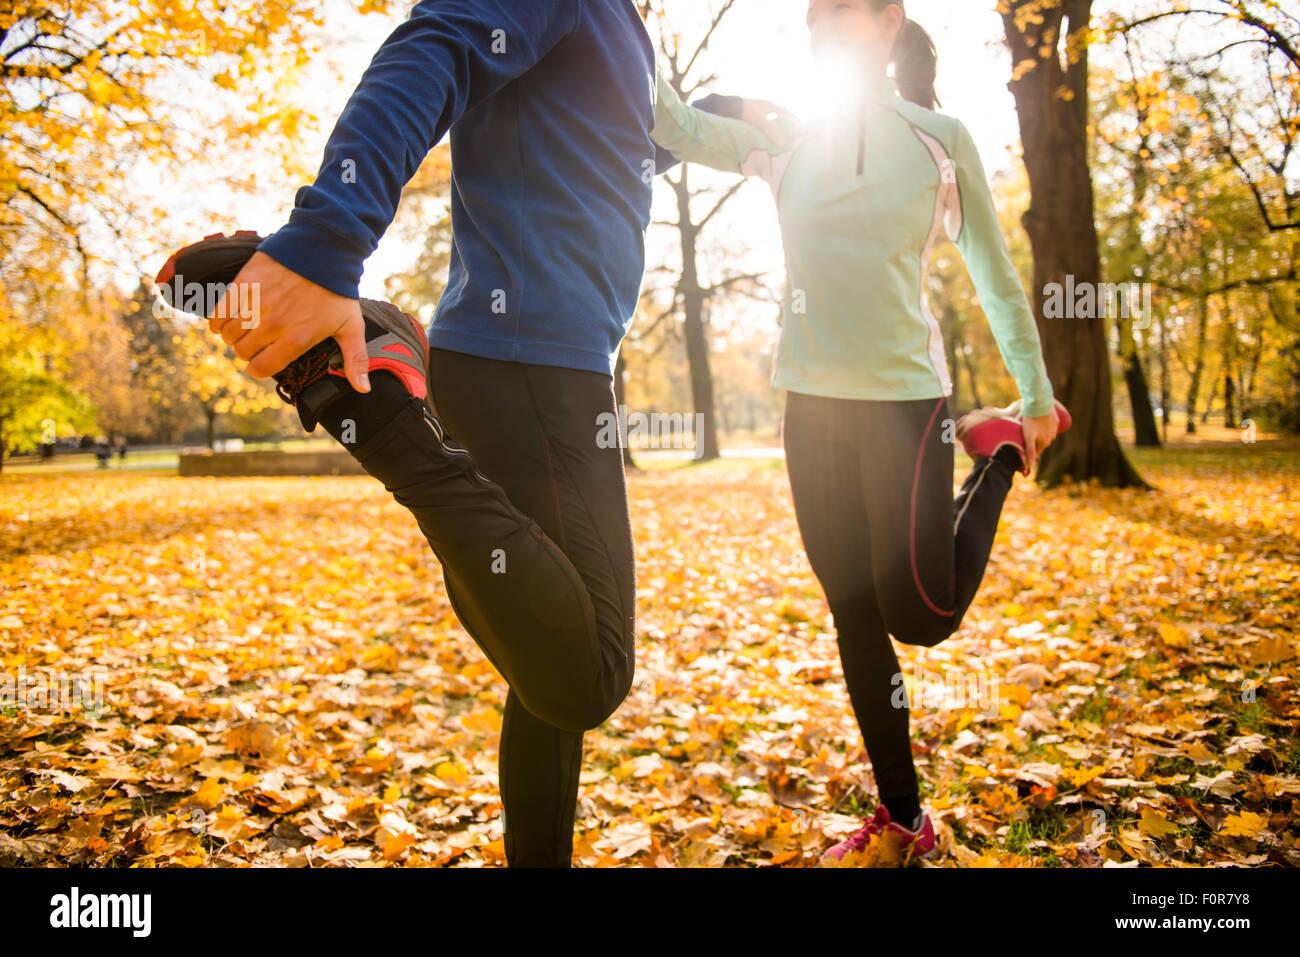 Détail de l'homme et de la femme s'étend les jambes avant de jogging en automne nature Photo Stock